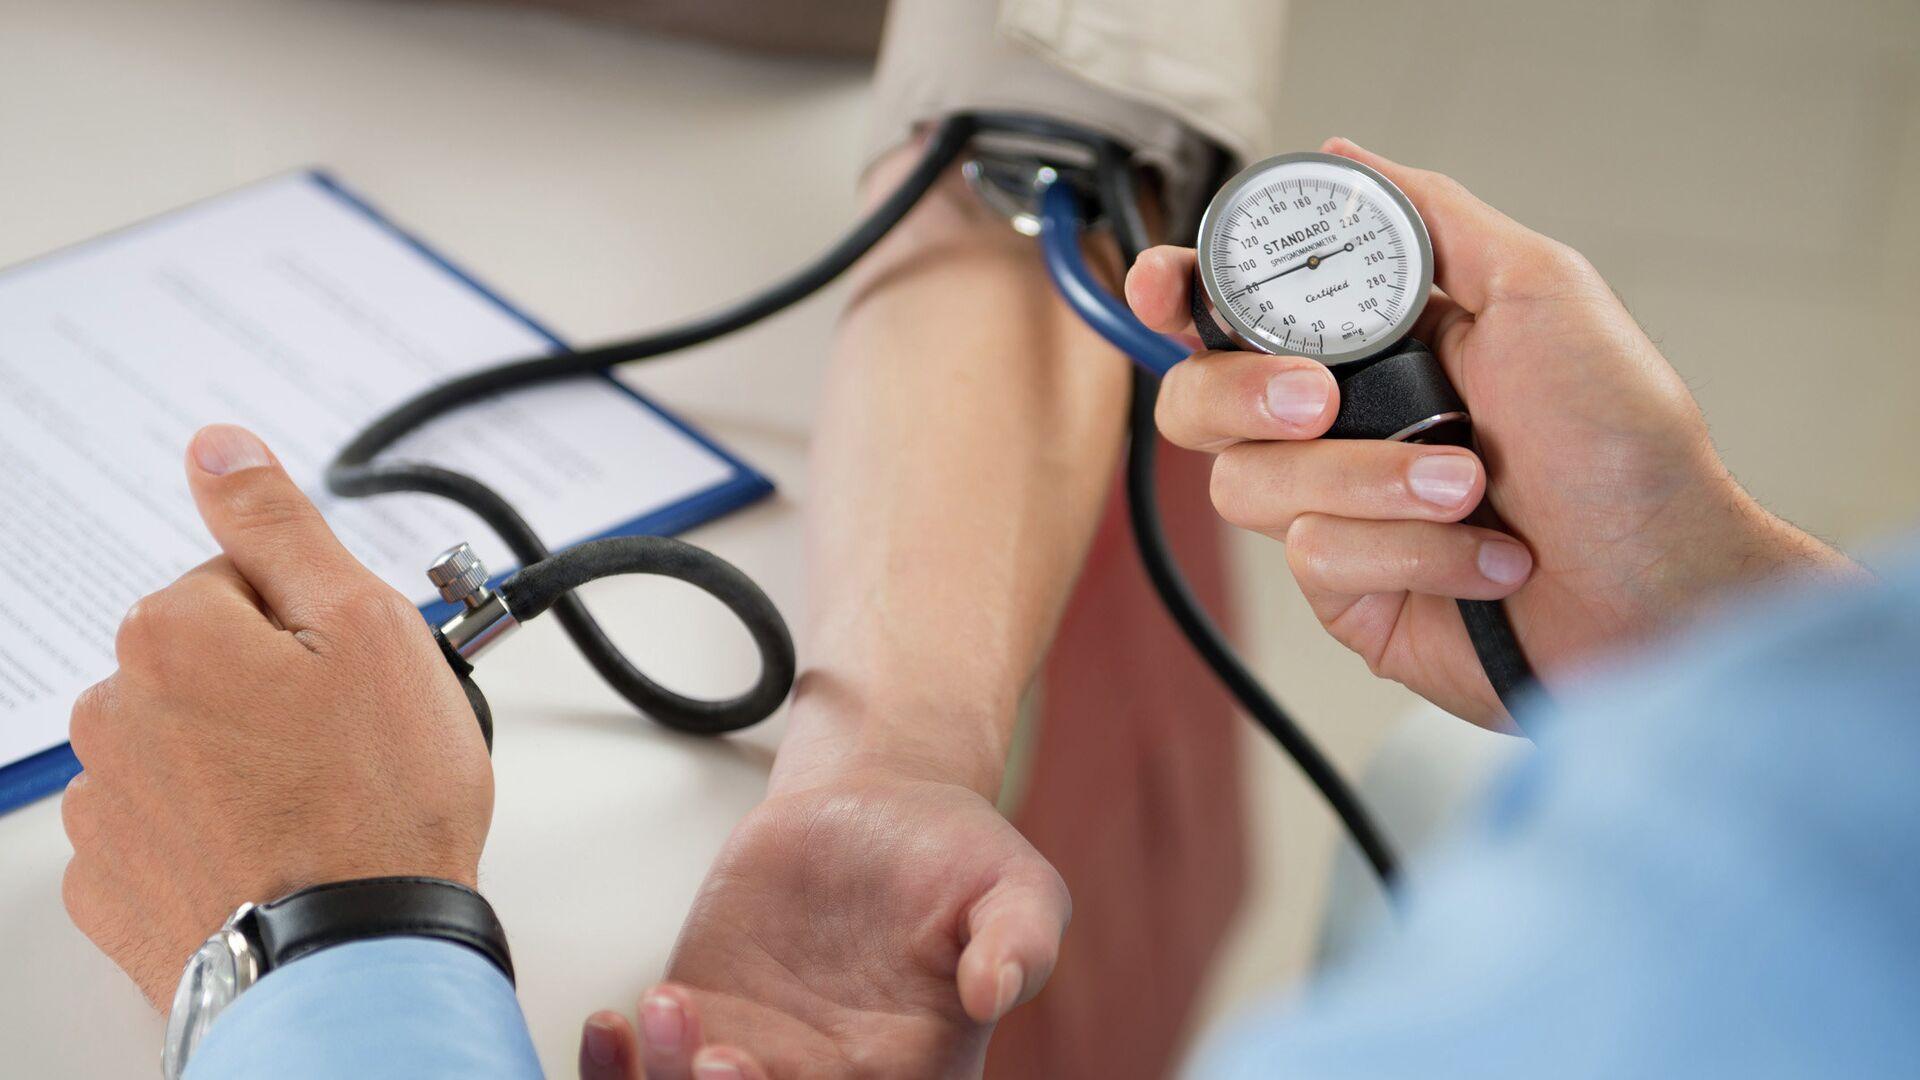 Измерение артериального давления  - РИА Новости, 1920, 22.06.2021